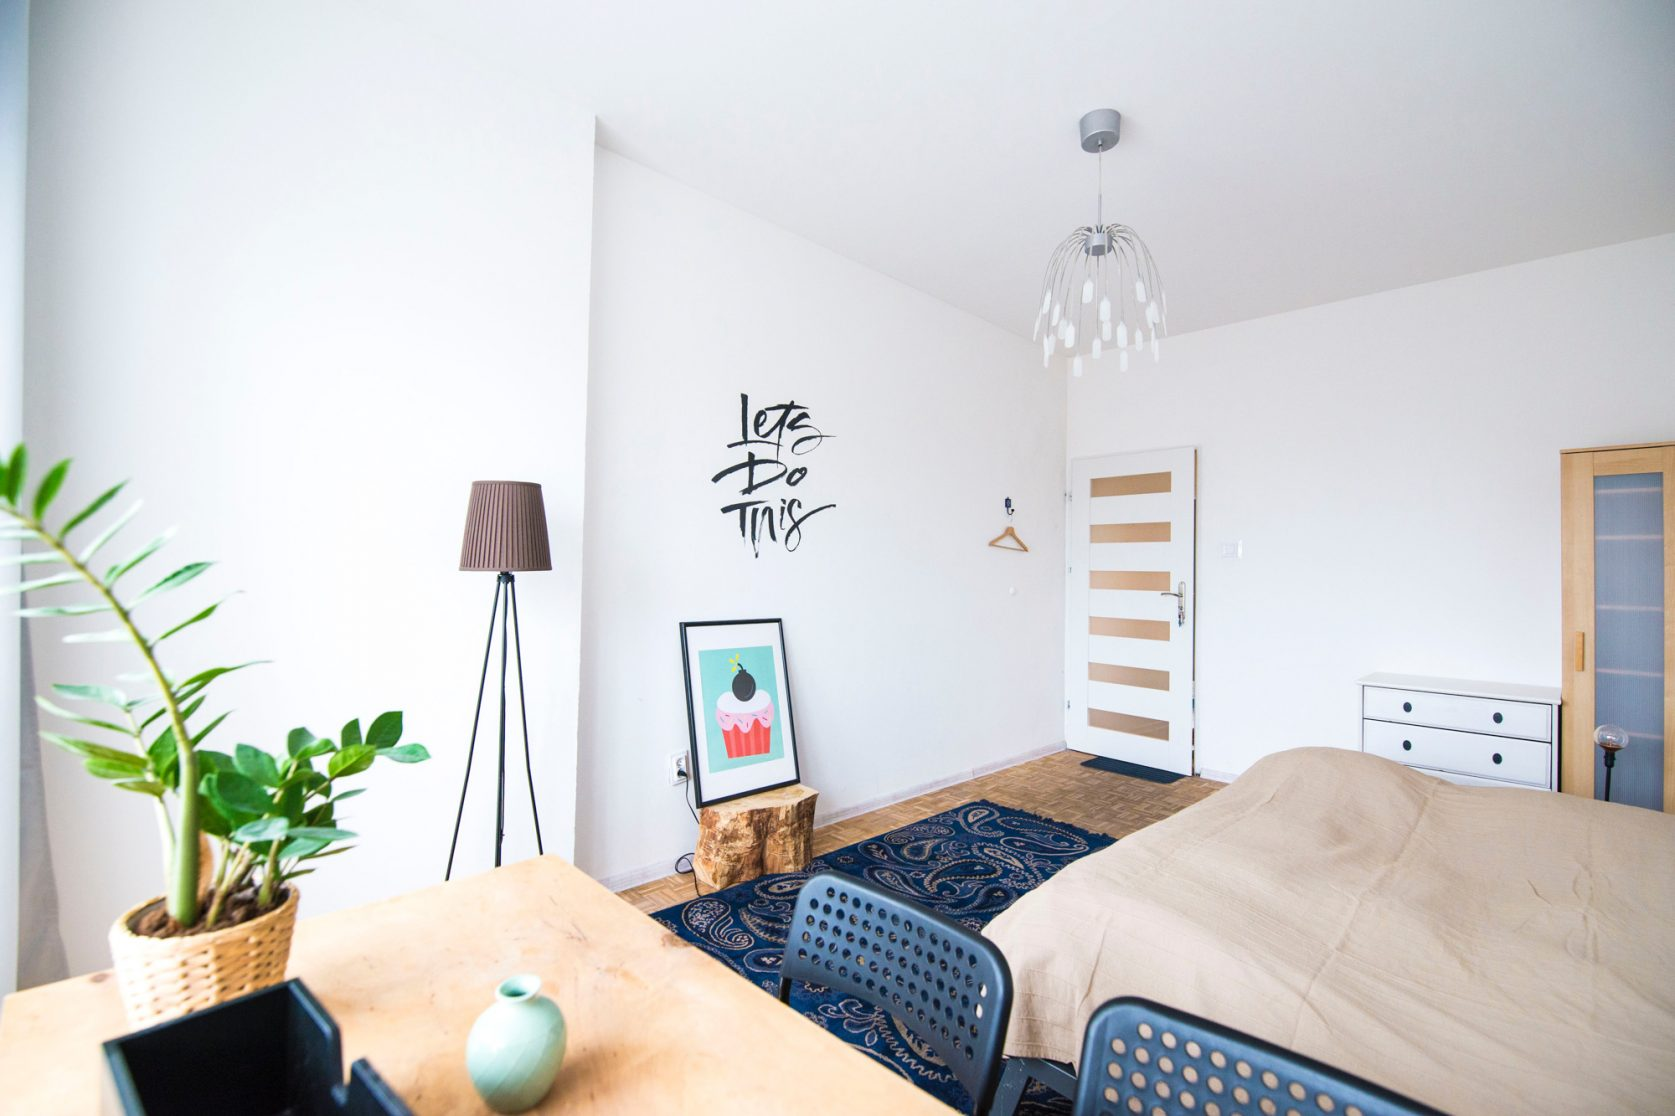 Hoe Werkt Airbnb : Reisjunk verhuren via booking of airbnb wat werkt beter